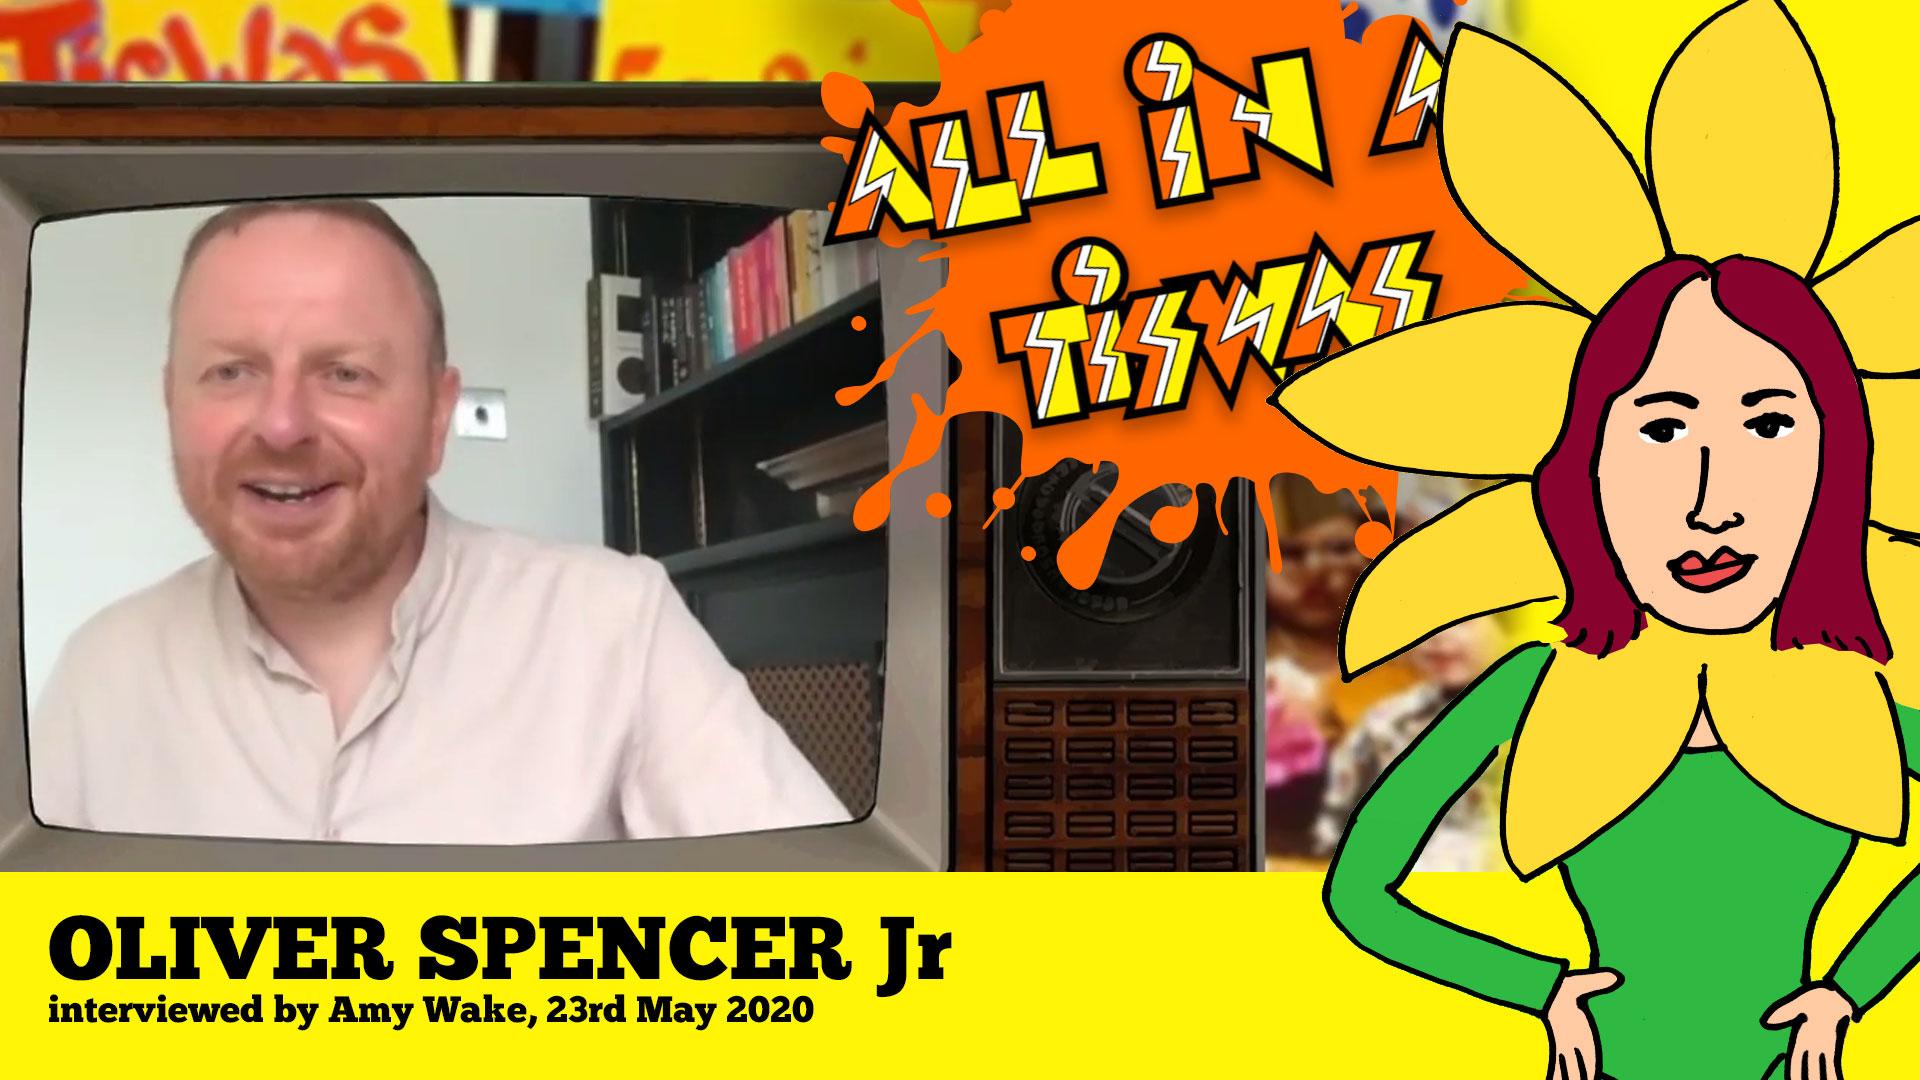 Oliver Spencer Junior interview Tiswas